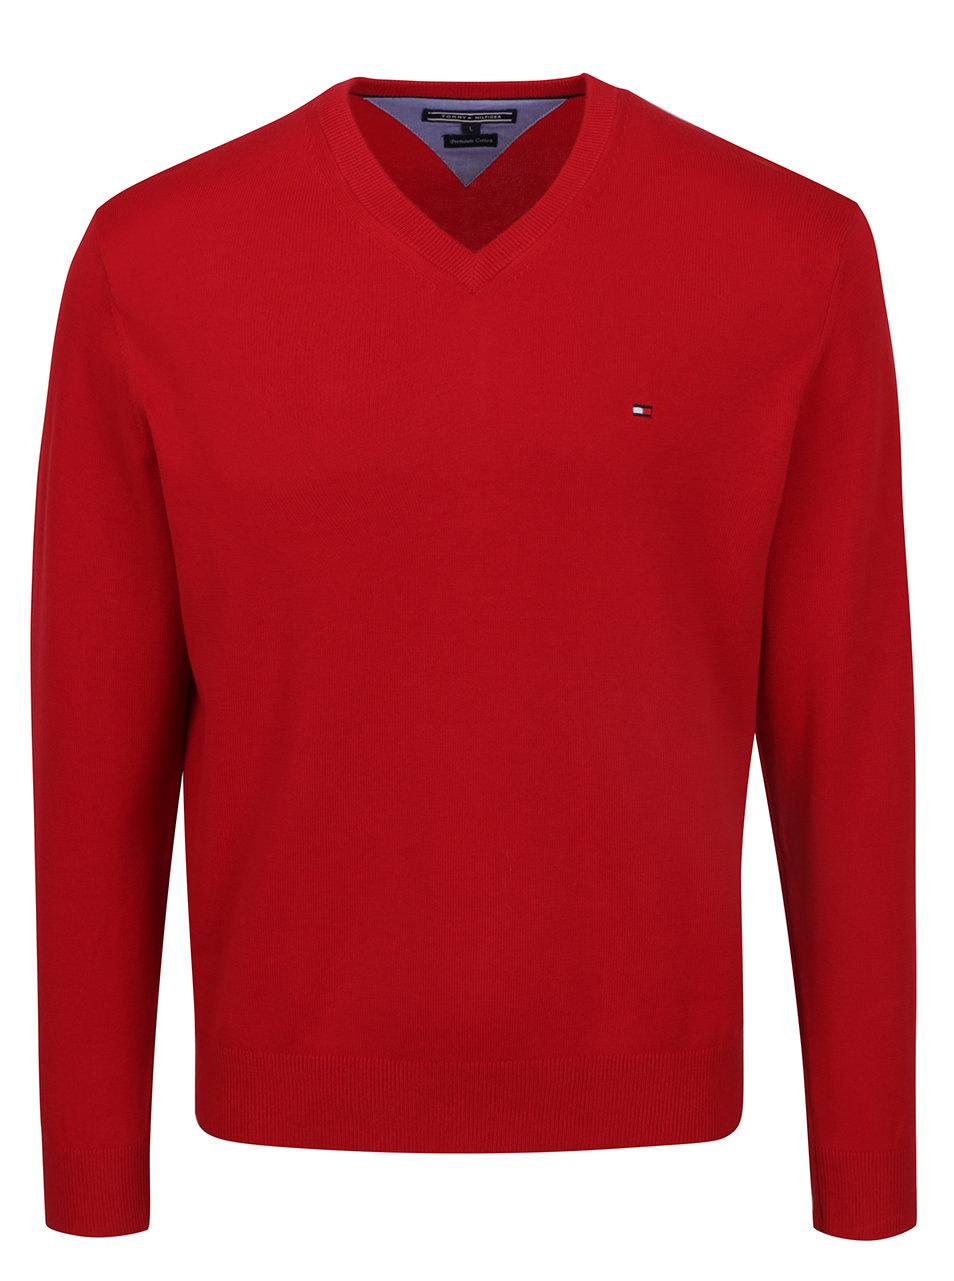 Červený pánsky sveter s véčkovým výstrihom Tommy Hilfiger ... d70505d4a3c